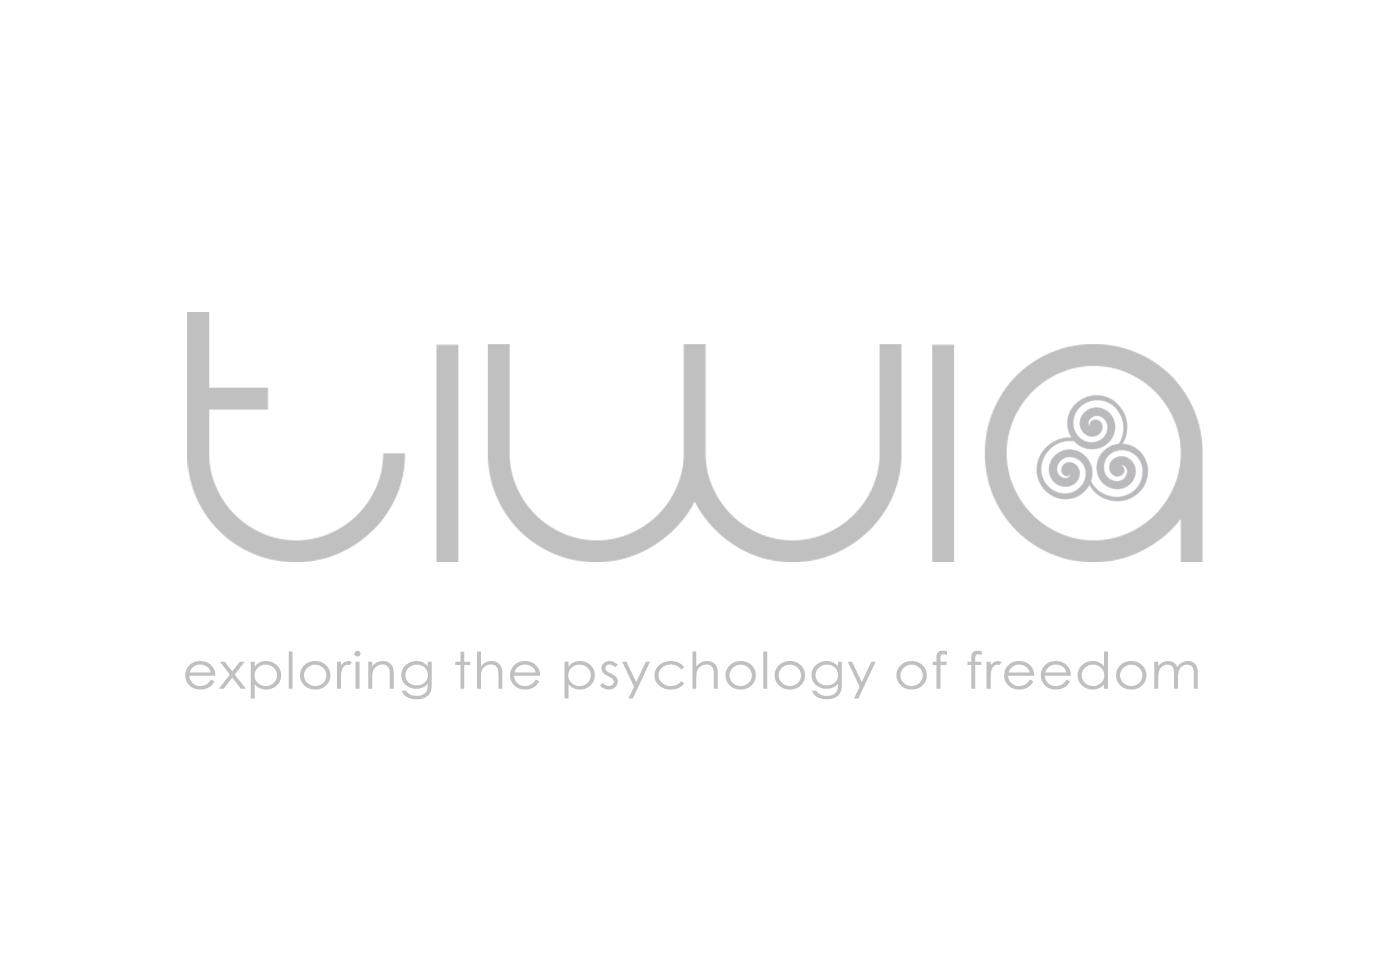 graphic design portfolio tiwia logo and tagline.png